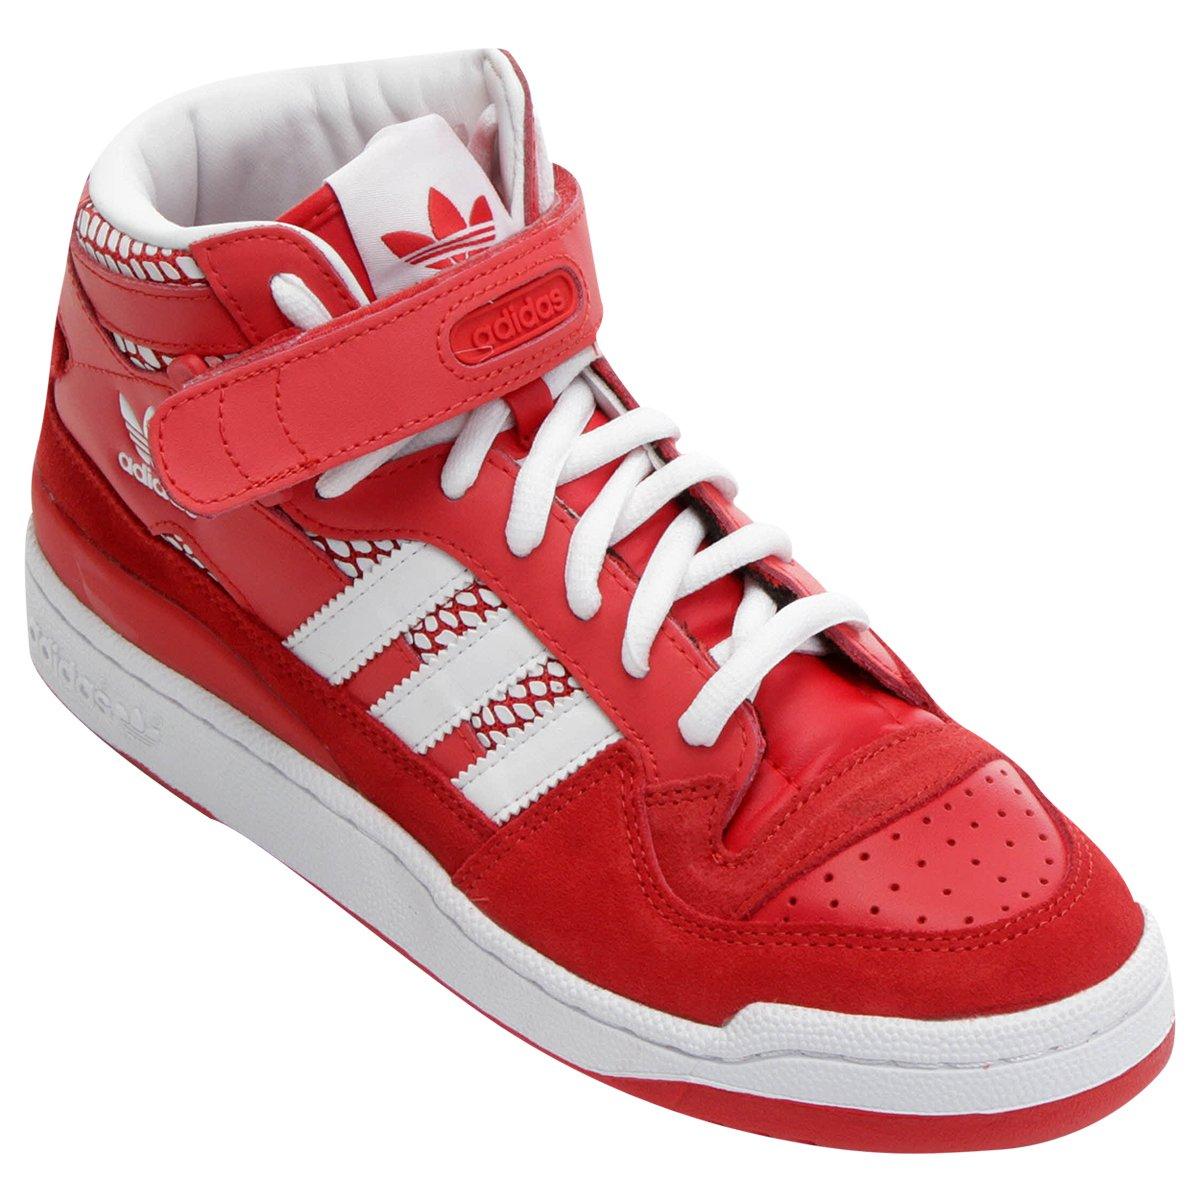 ce6e8352936 usa tênis adidas superstar foundation 2e2c6 96175  clearance tênis adidas  forum mid compre agora netshoes 86d1a f8bb8